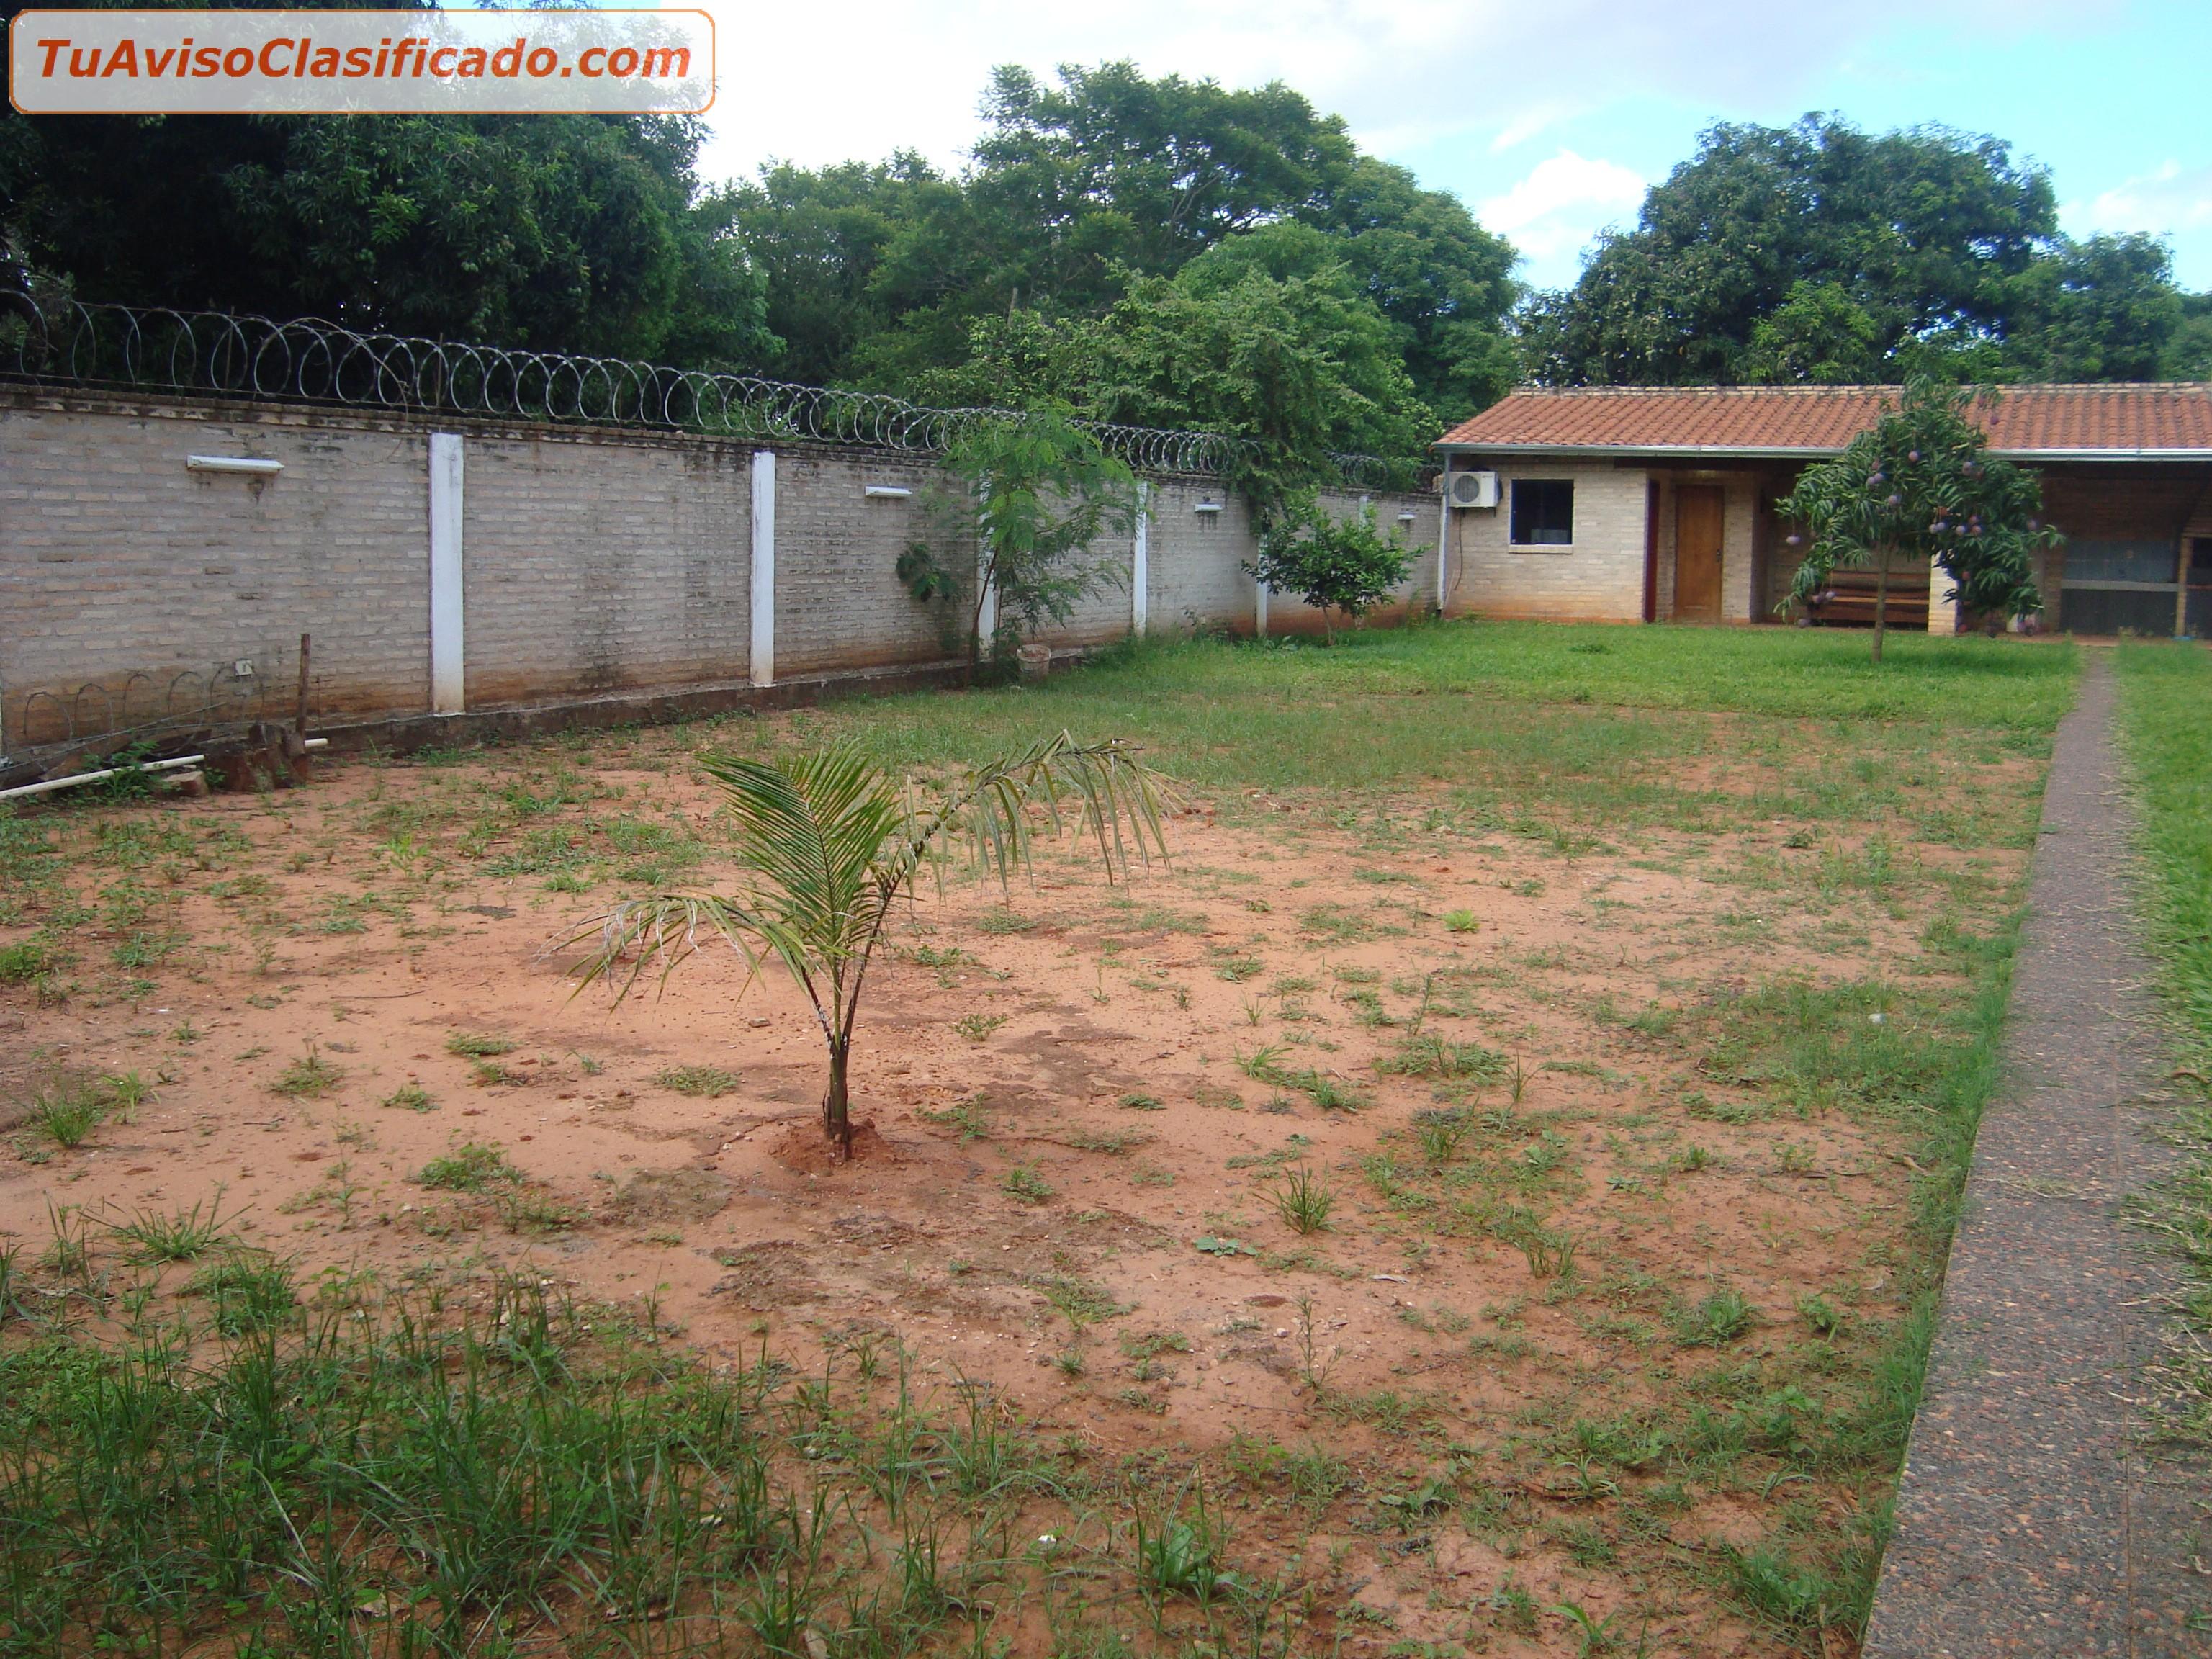 Inmuebles y propiedades en for Alquiler de casas en san miguel ciudad jardin